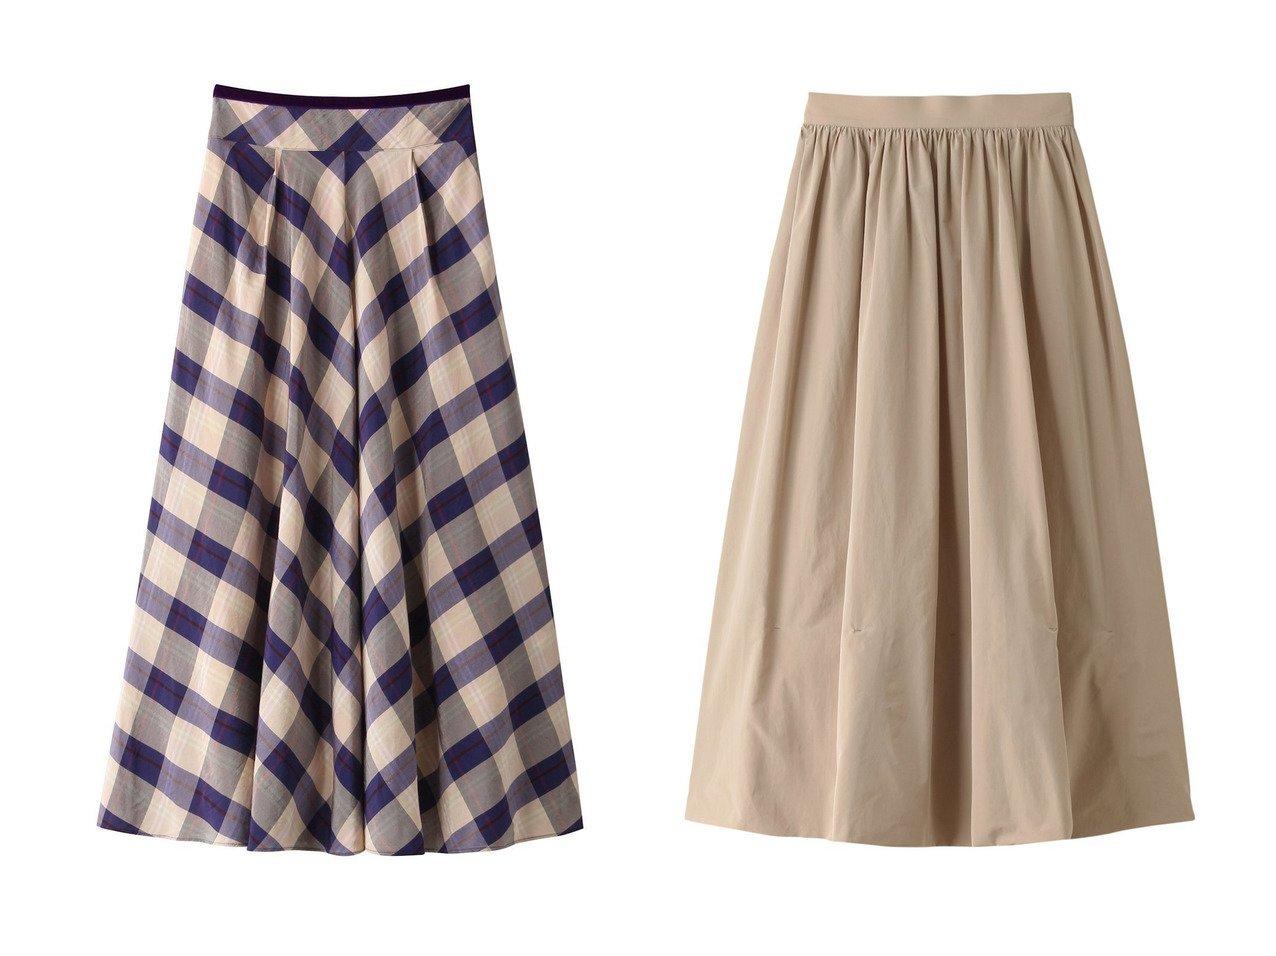 【martinique/マルティニーク】の【forte forte】チェックフレアスカート&【PLAIN PEOPLE/プレインピープル】のタフタコクーンスカート スカートのおすすめ!人気、トレンド・レディースファッションの通販 おすすめで人気の流行・トレンド、ファッションの通販商品 メンズファッション・キッズファッション・インテリア・家具・レディースファッション・服の通販 founy(ファニー) https://founy.com/ ファッション Fashion レディースファッション WOMEN スカート Skirt ロングスカート Long Skirt Aライン/フレアスカート Flared A-Line Skirts 2020年 2020 2020-2021 秋冬 A/W AW Autumn/Winter / FW Fall-Winter 2020-2021 2021年 2021 2021 春夏 S/S SS Spring/Summer 2021 エアリー タフタ フレア ロング 春 Spring A/W 秋冬 AW Autumn/Winter / FW Fall-Winter スウェット スニーカー チェック フェミニン ミックス |ID:crp329100000011773